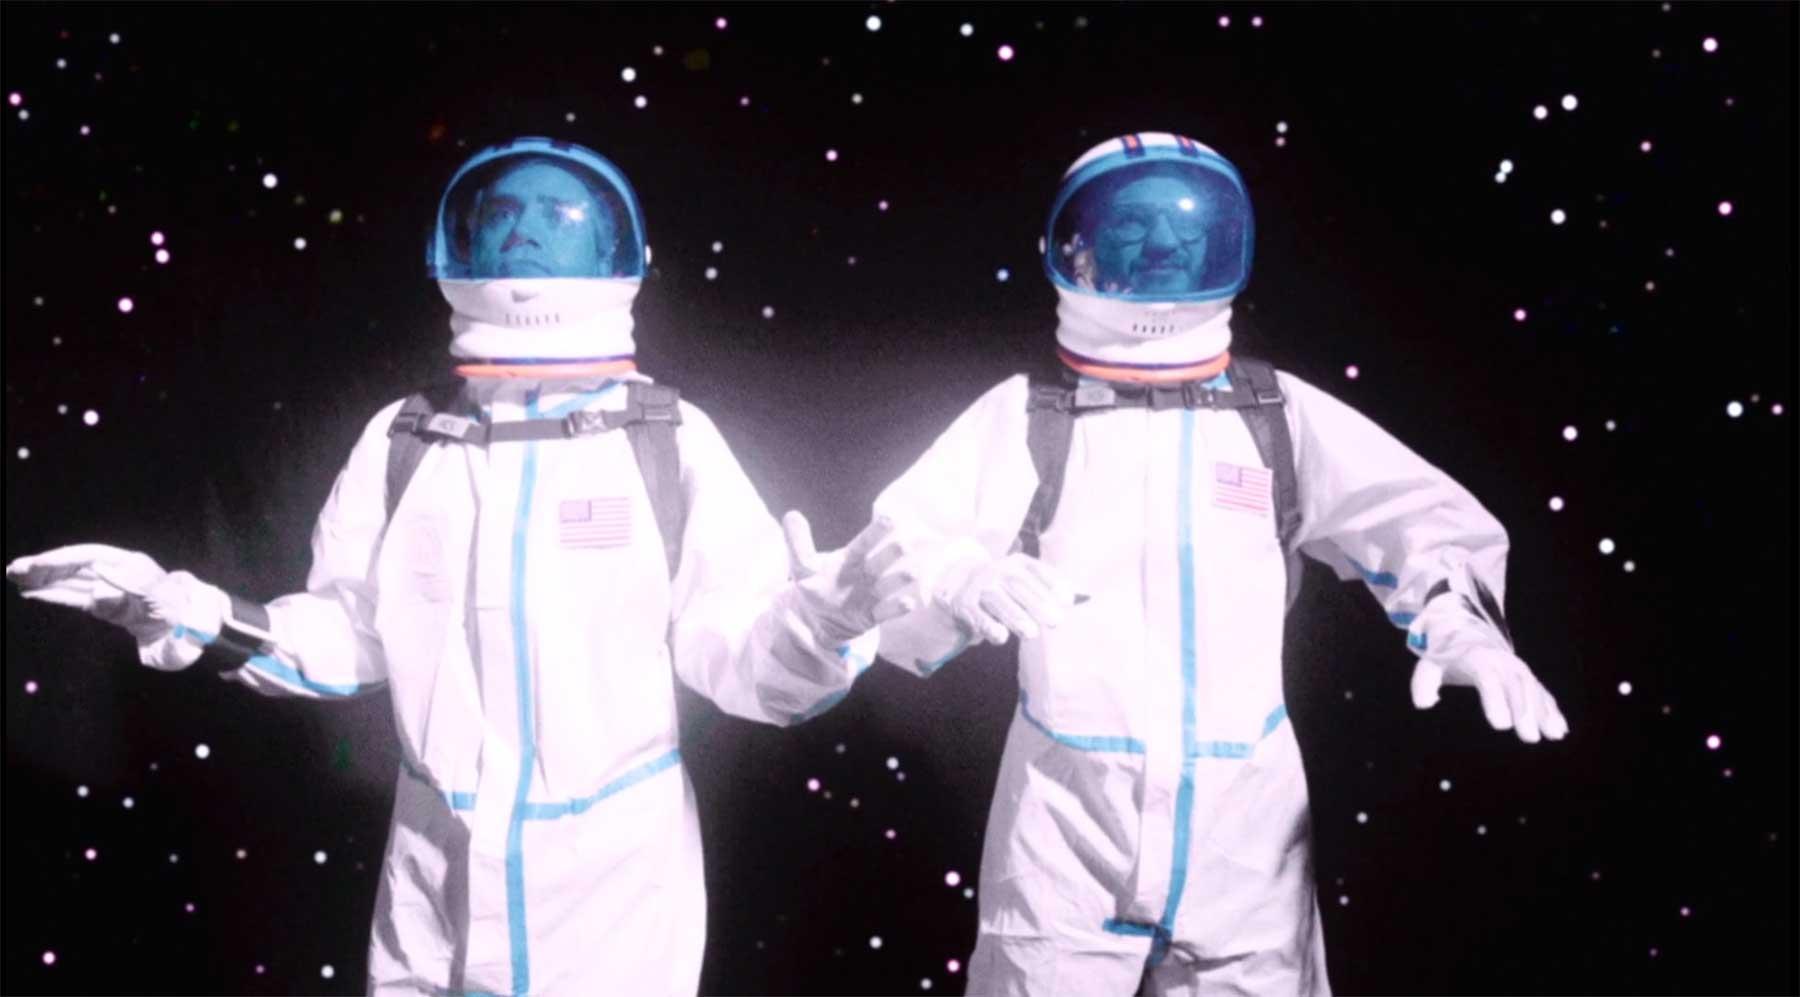 Zwei Astronauten verloren im Weltall